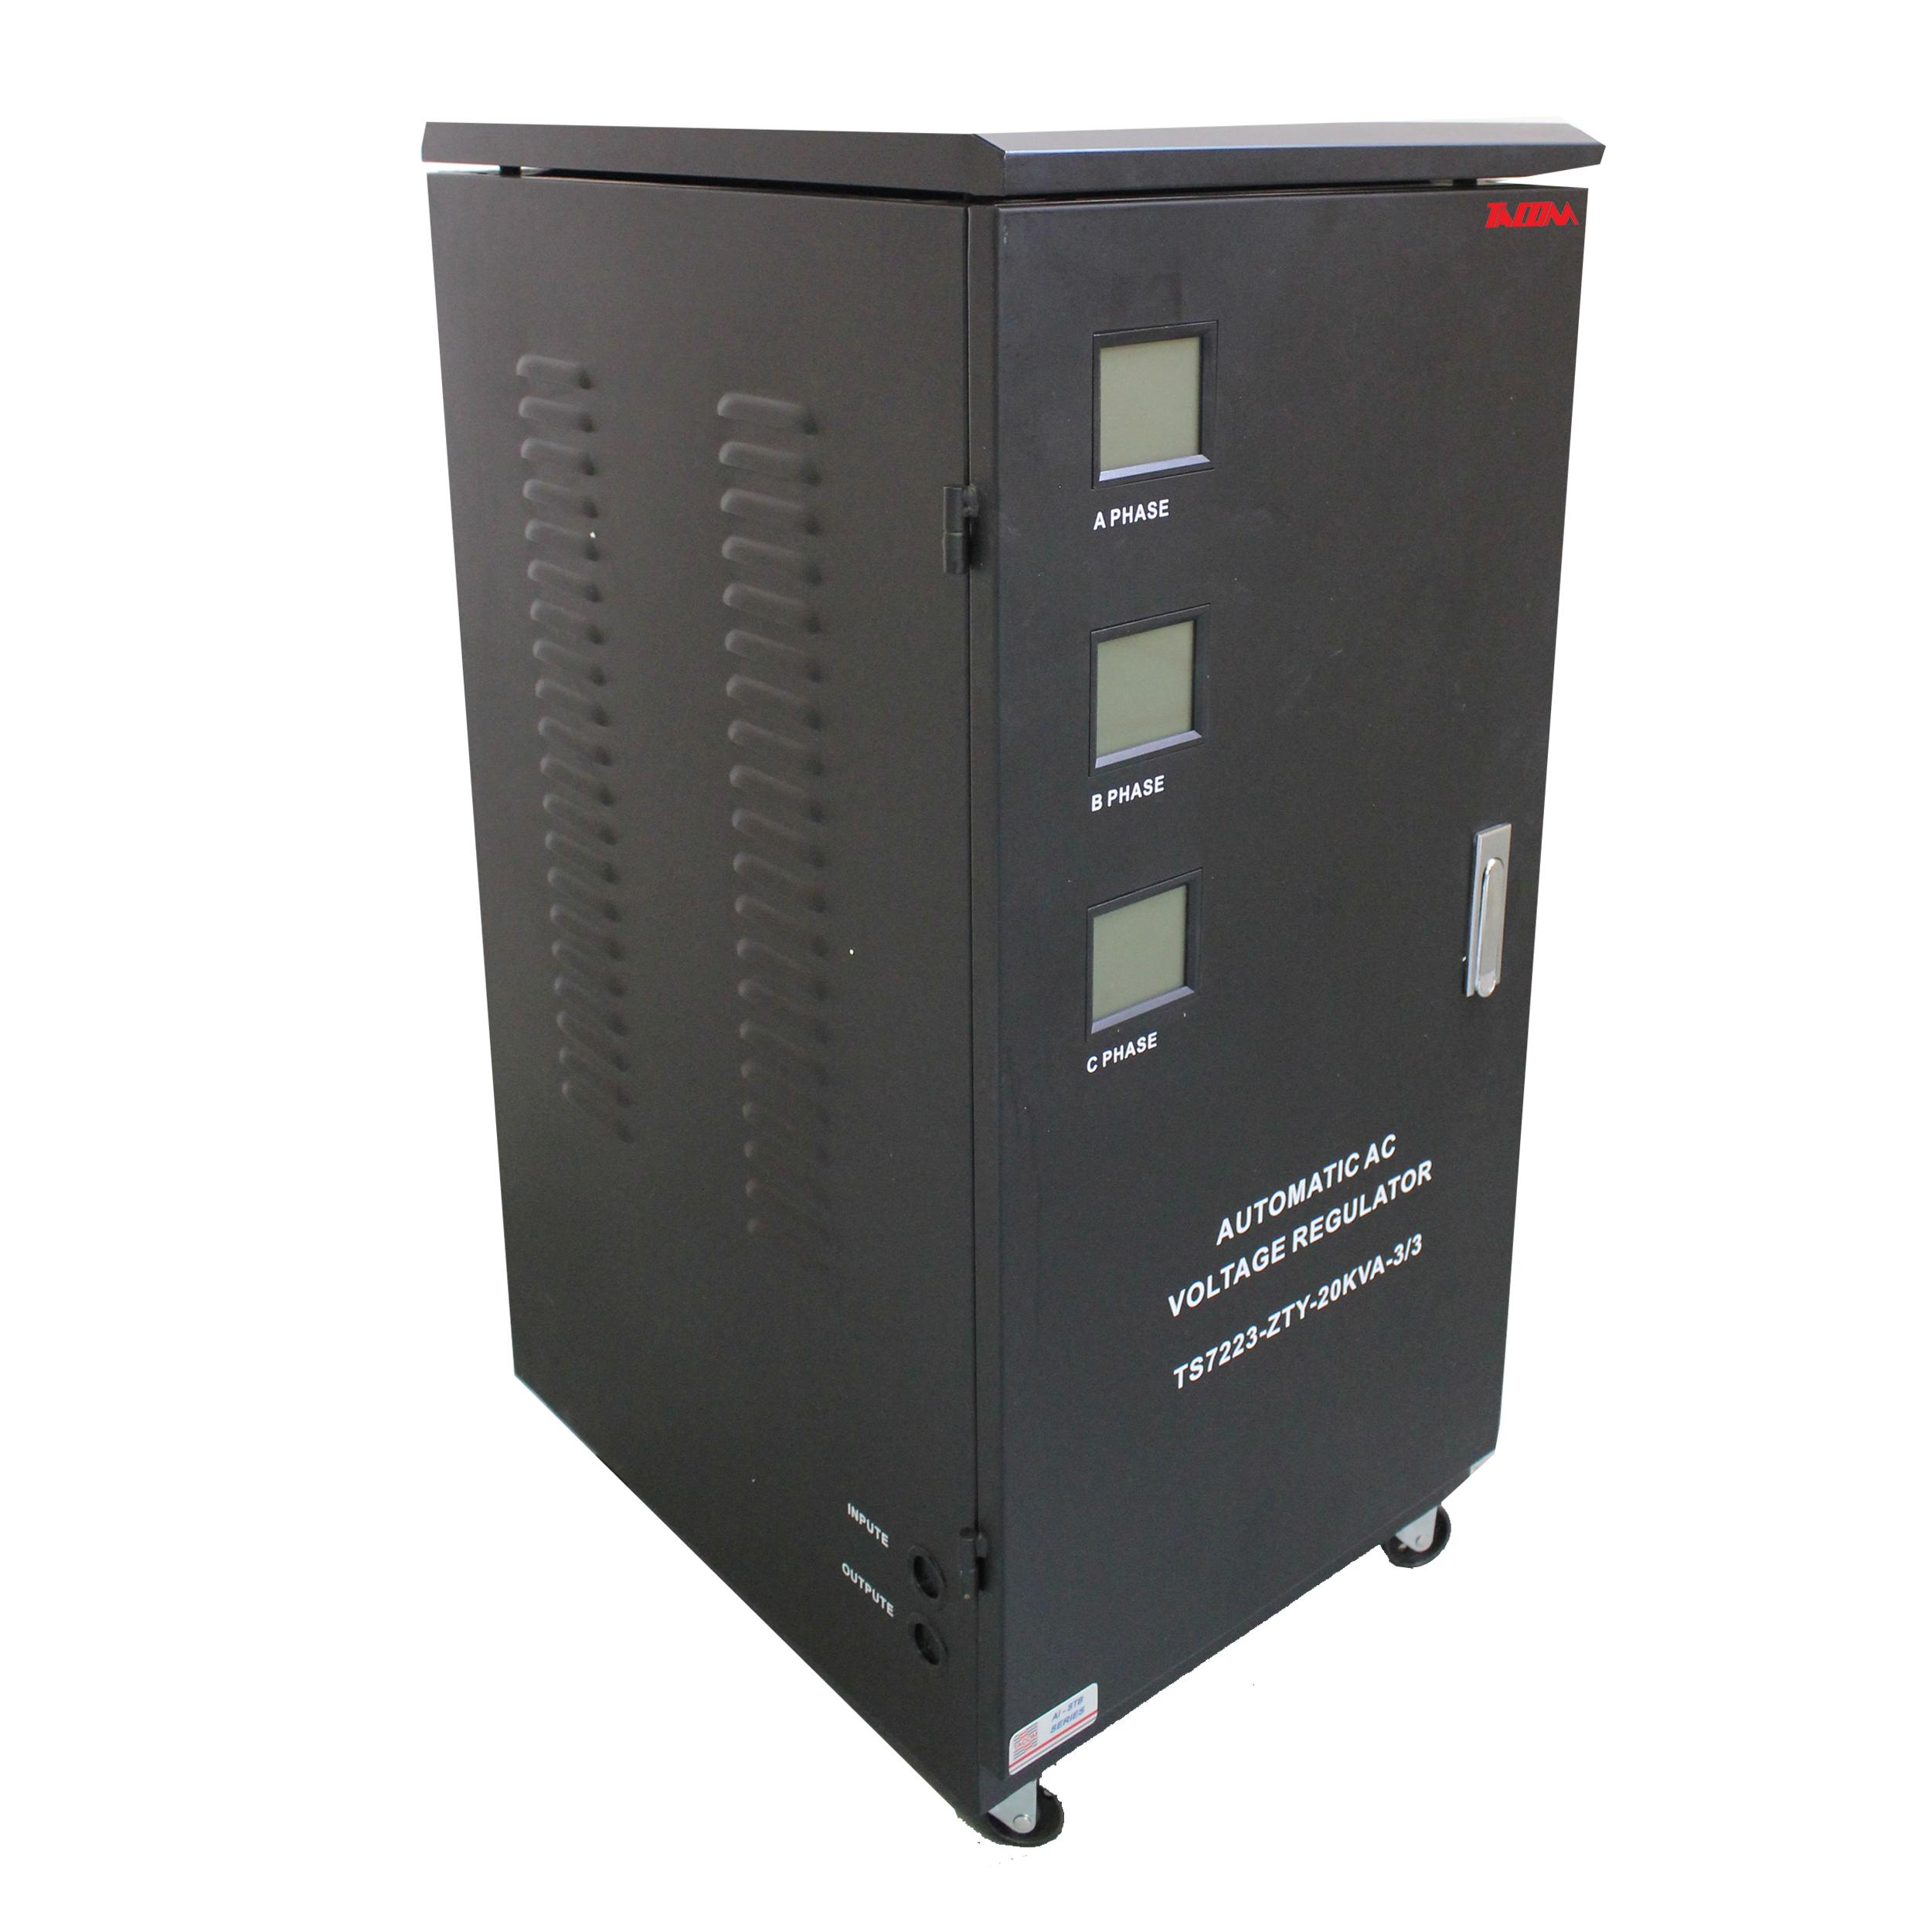 استابلایزر تکام مدل ZAGROS-20KVA 3/3 ظرفیت 20000 ولت آمپر